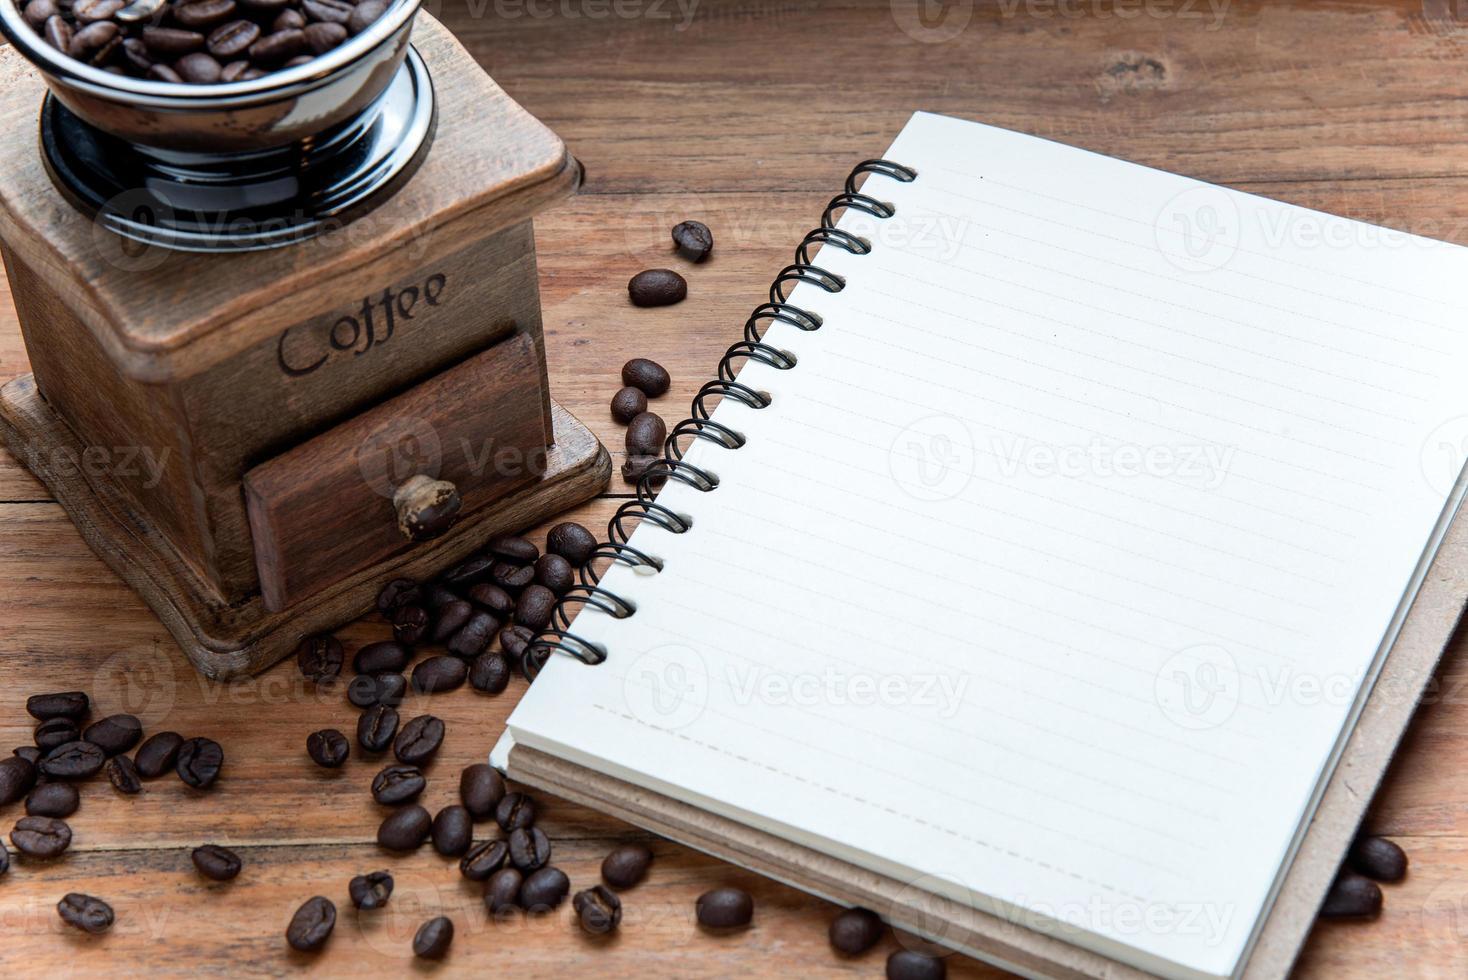 portable avec grain de café et moulin à café sur table en bois. photo